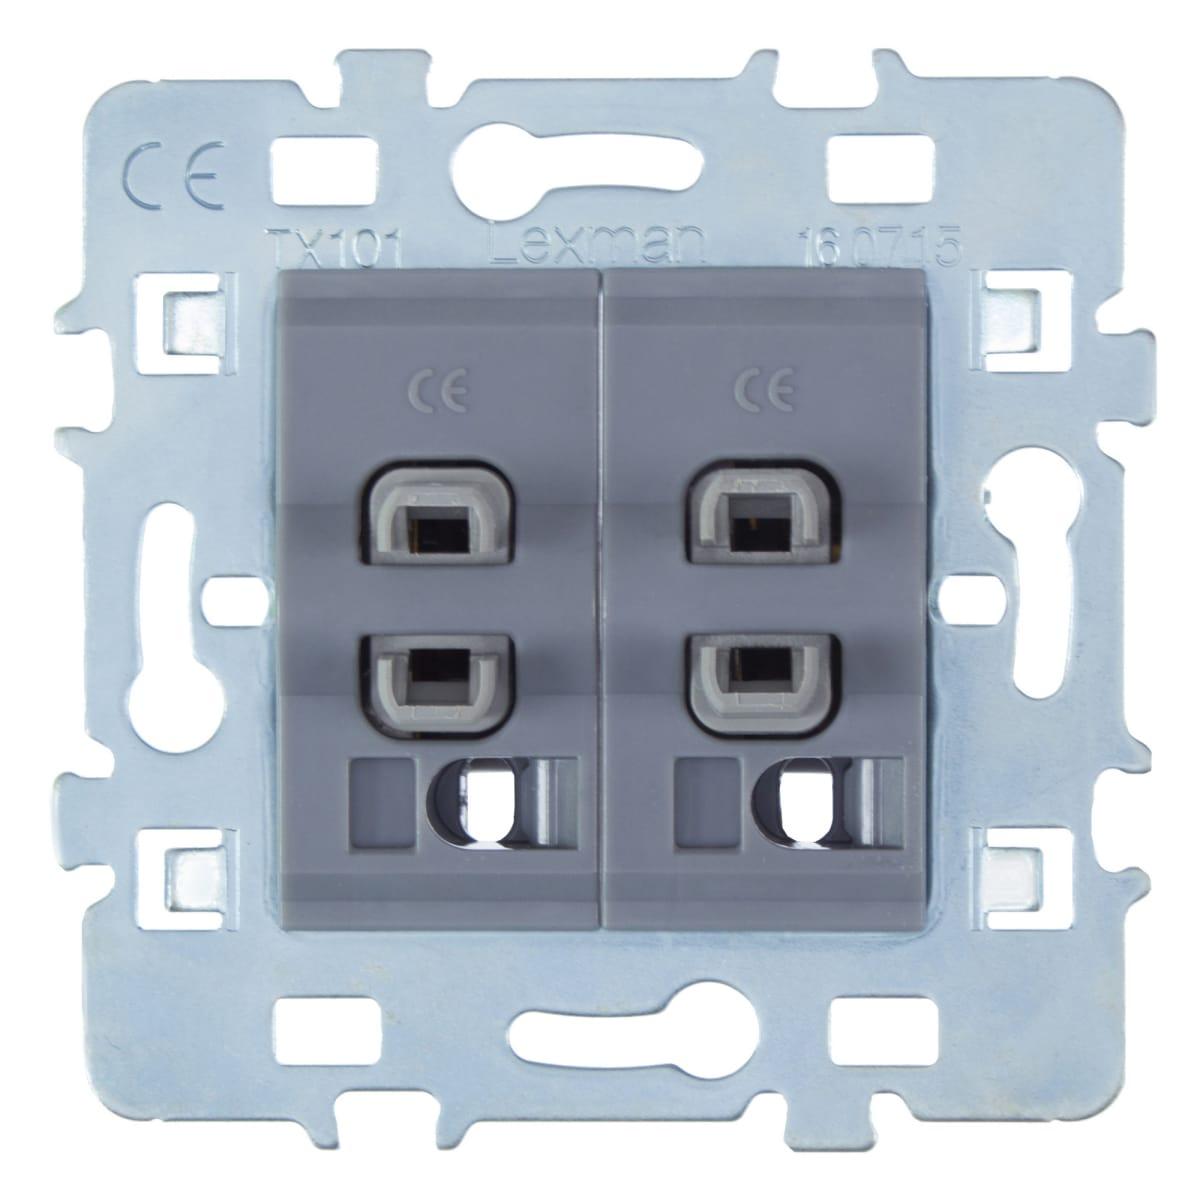 Выключатель встраиваемый Lexman Cosy 2 клавиши, цвет серый